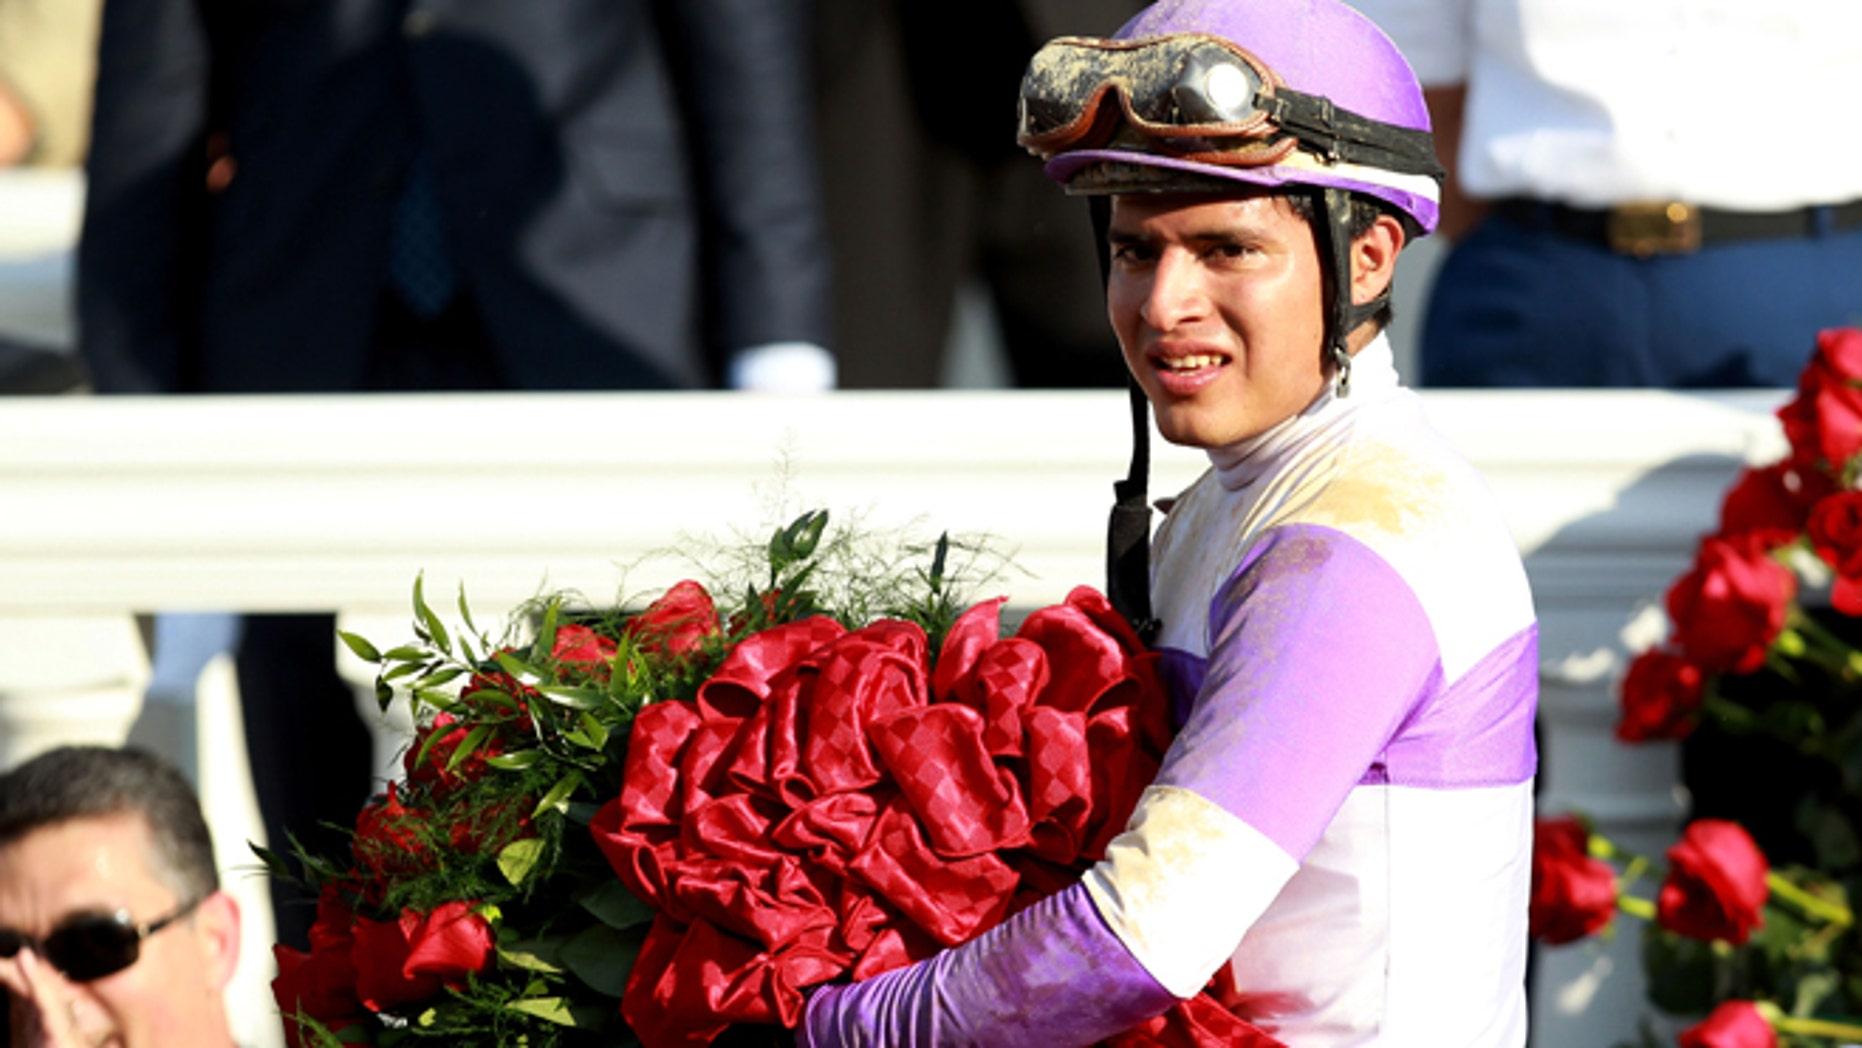 Mario Gutierrez at Churchill Downs on May 5, 2012 in Louisville, Kentucky.